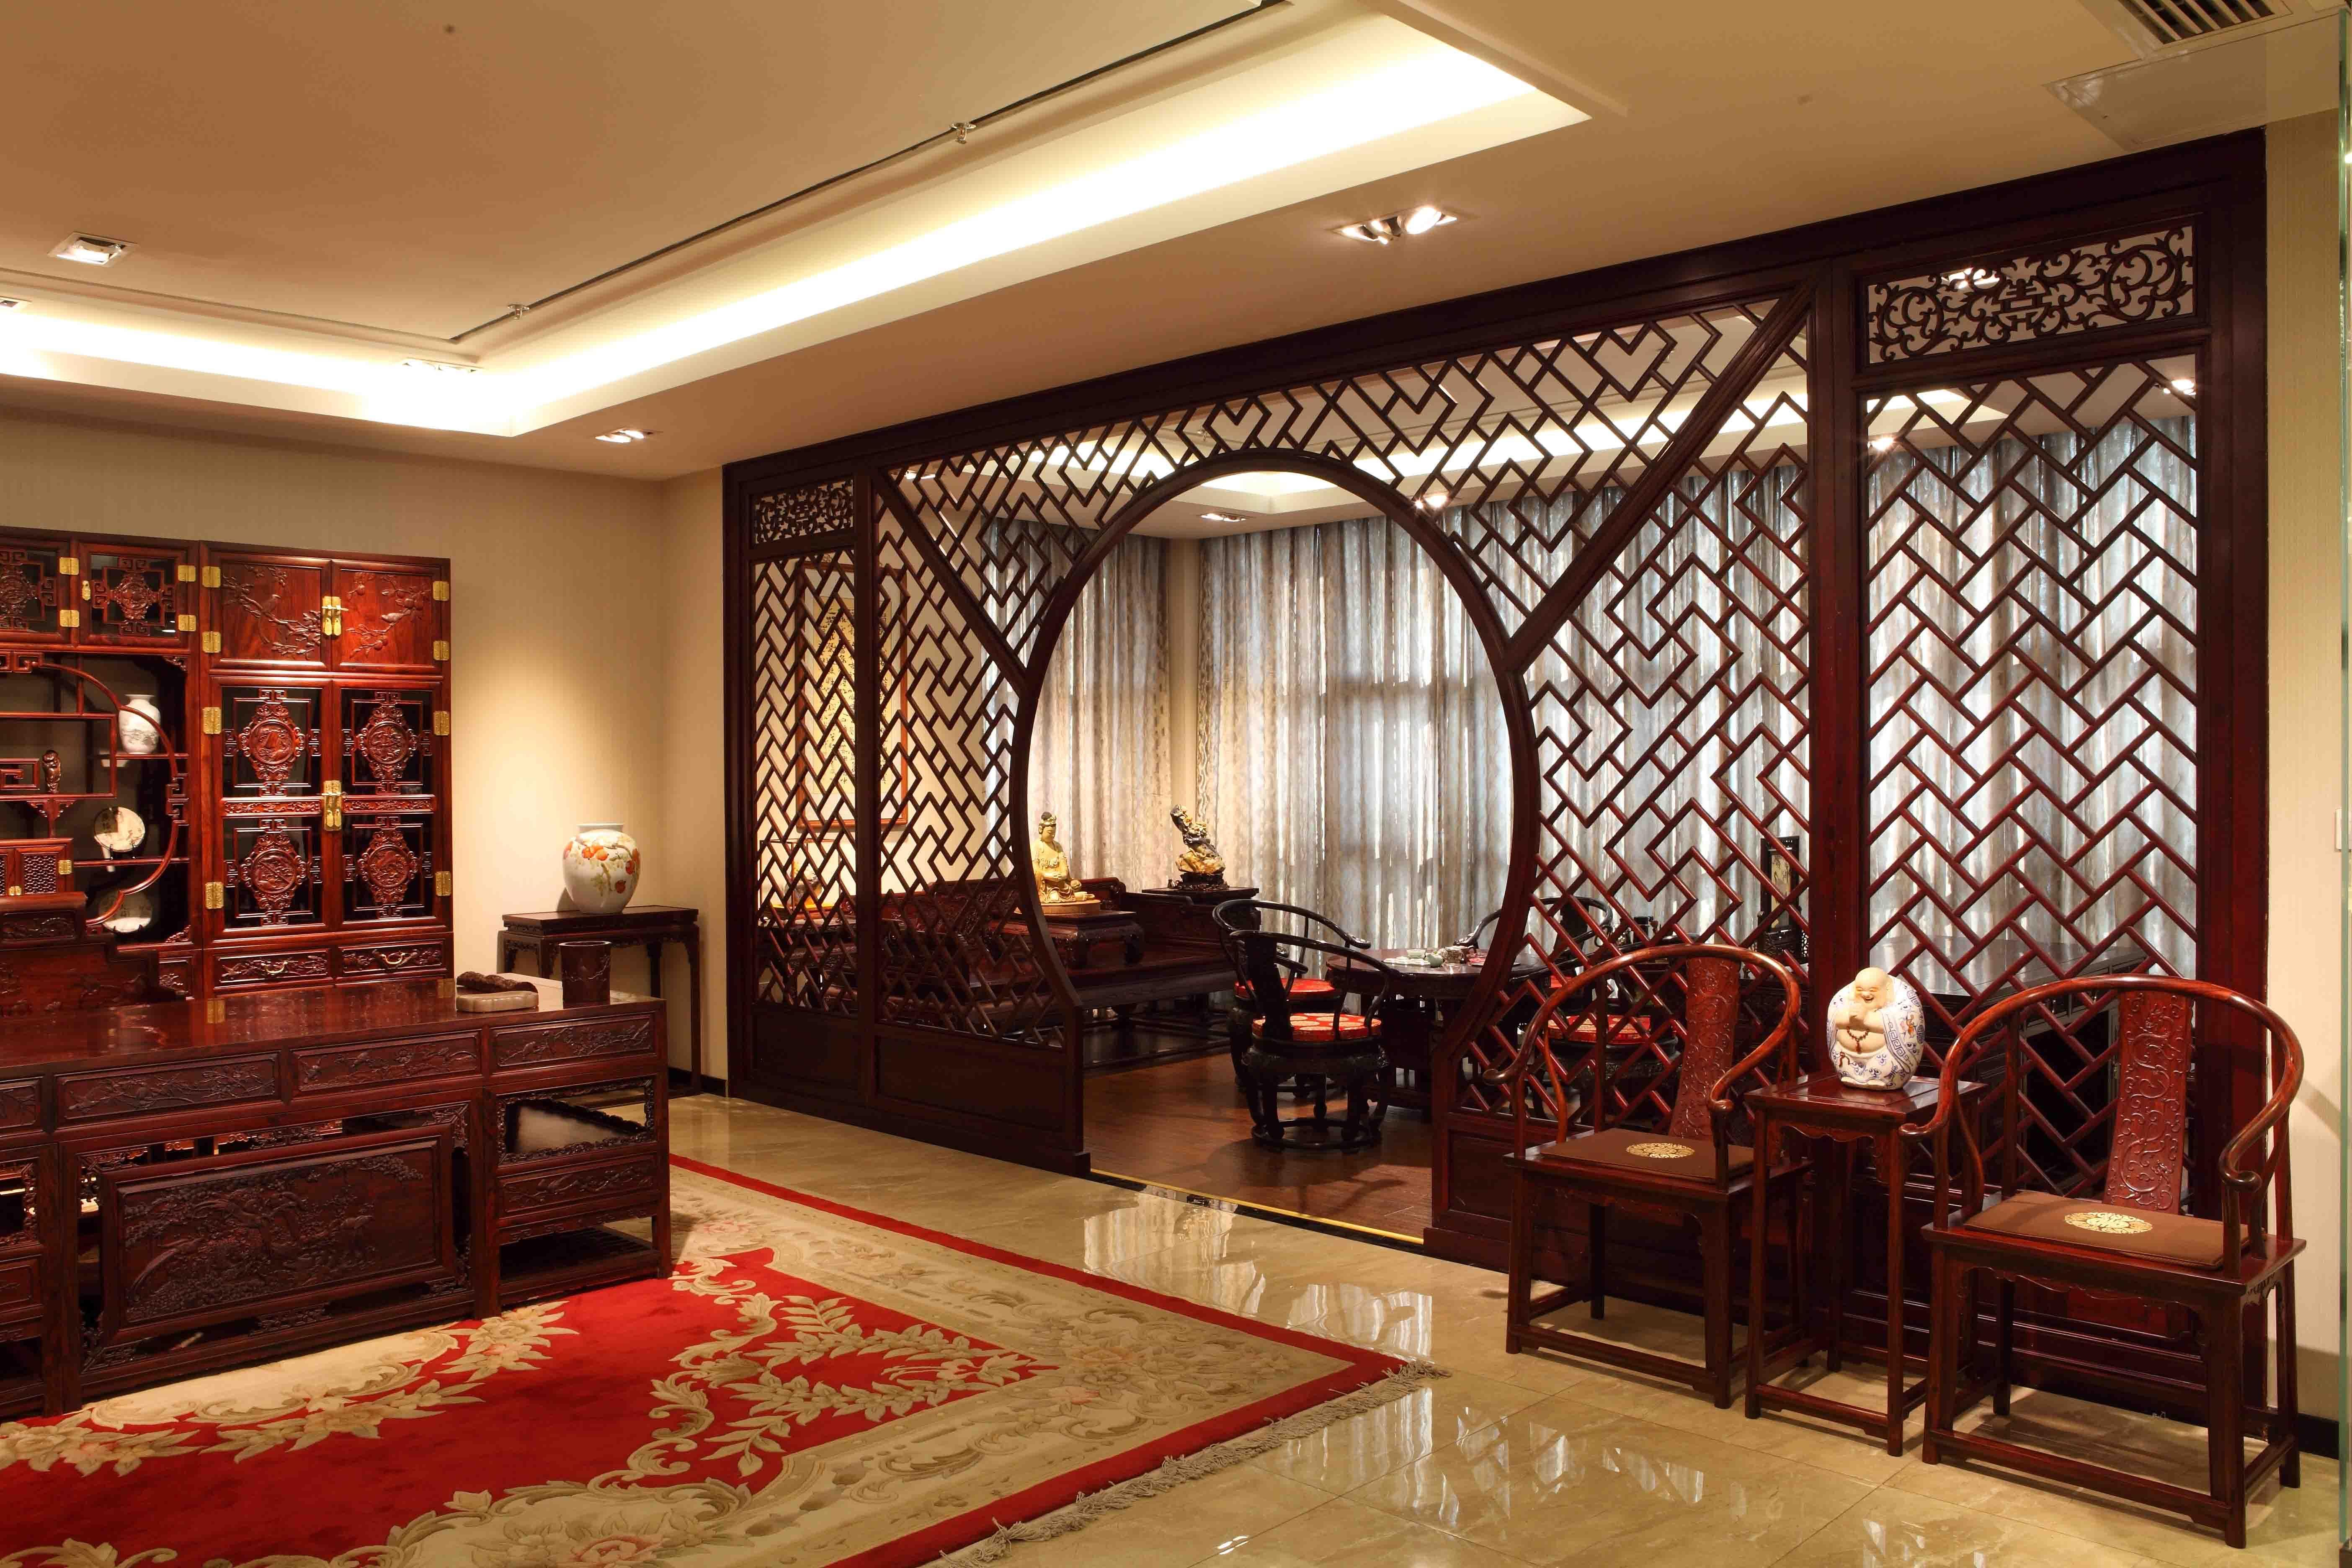 跟锦言斋学家装:如何让红木家具完美融入年轻潮流的现代装修风格?